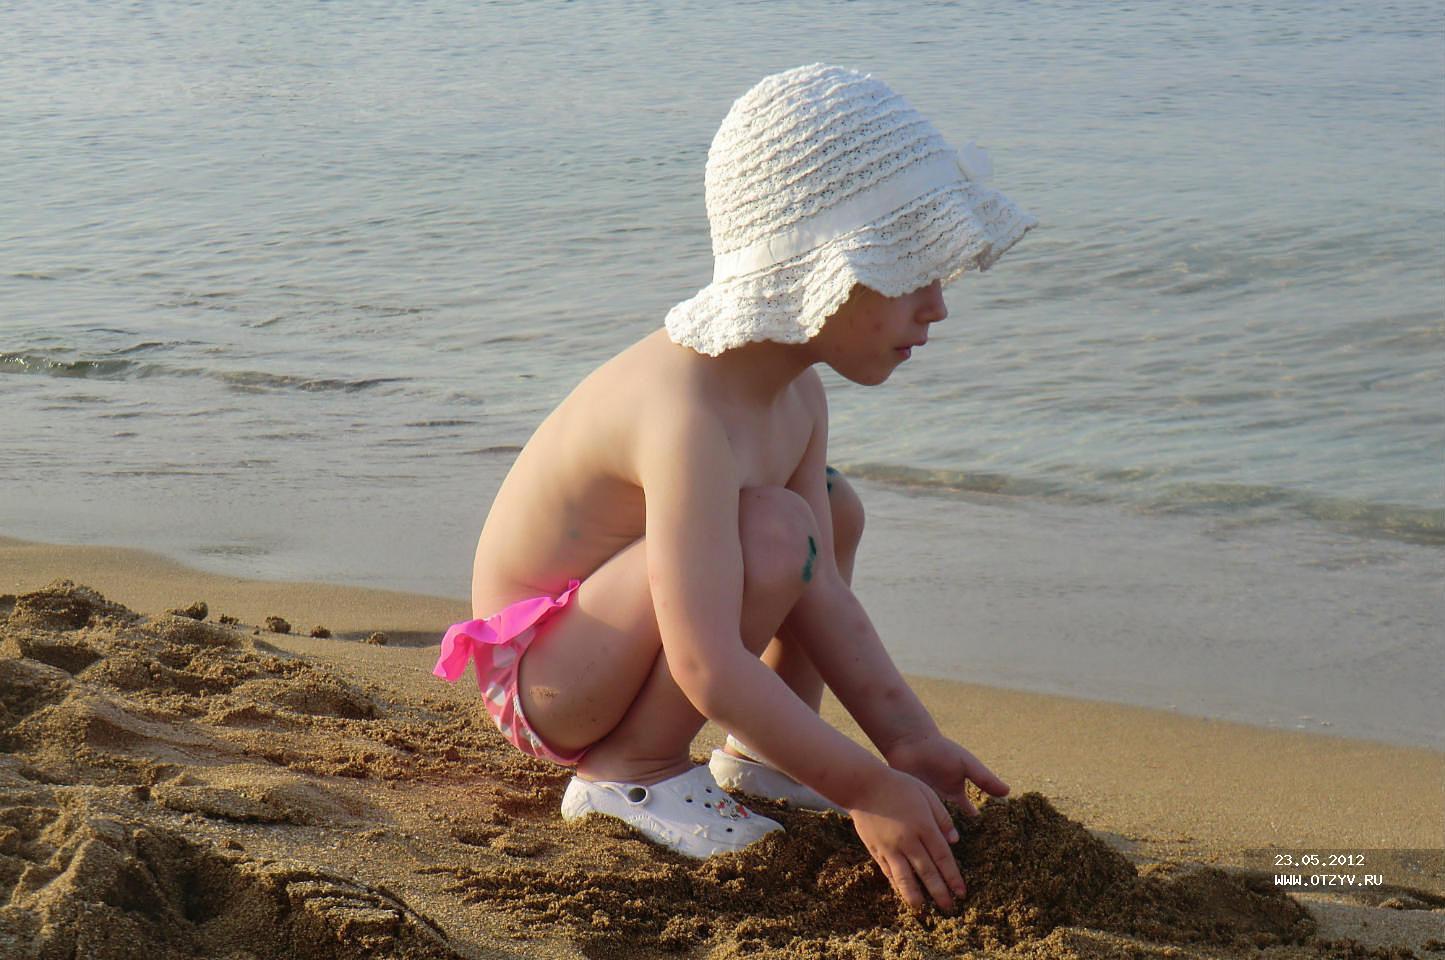 Фото девочки голышом на пляже 13 фотография